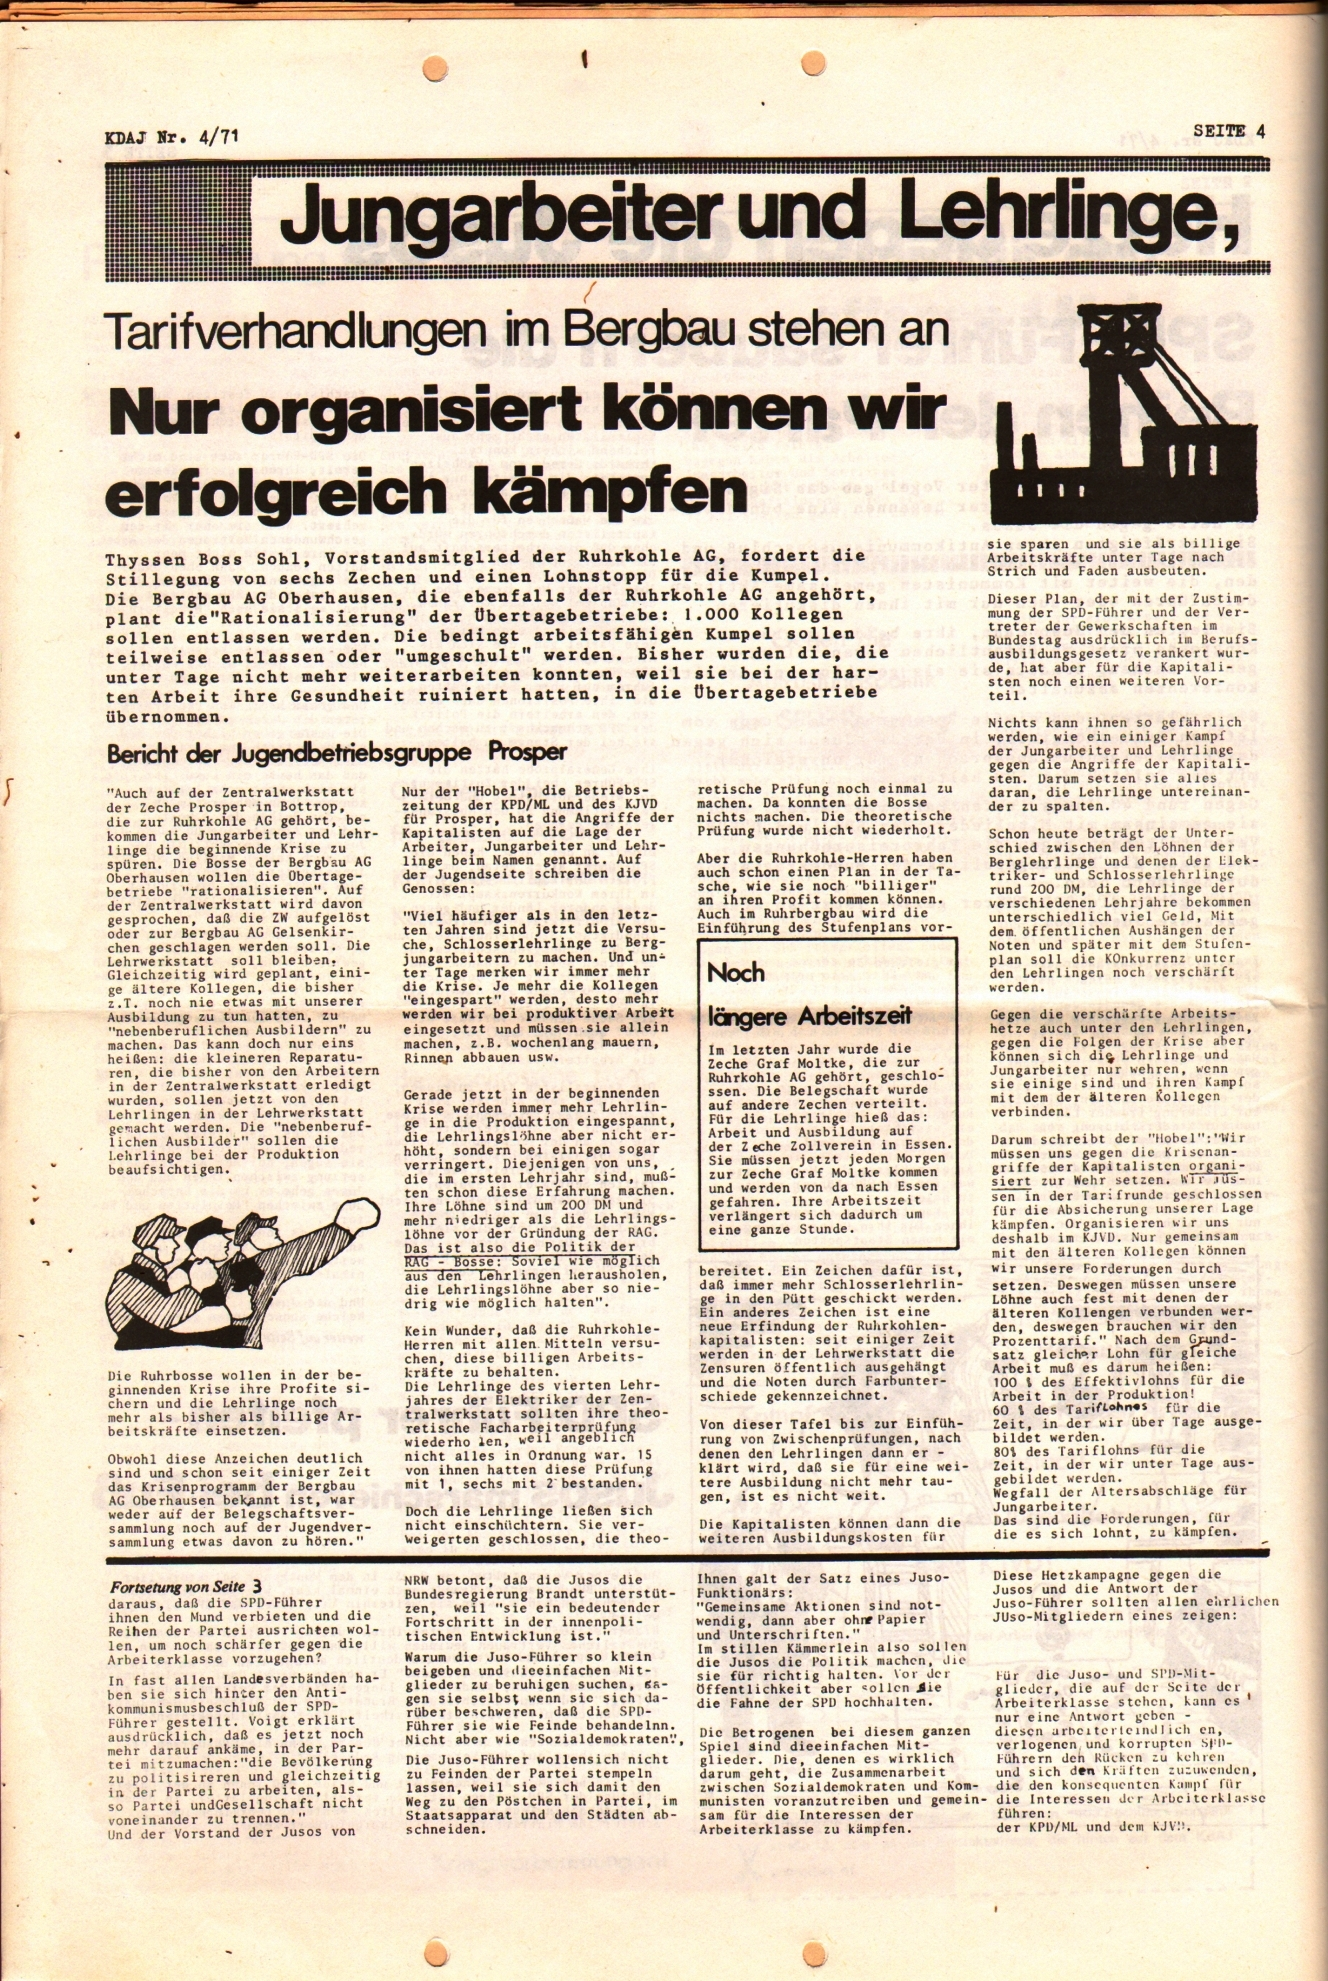 KDAJ, 2. Jg., April 1971, Nr. 4, Seite 4